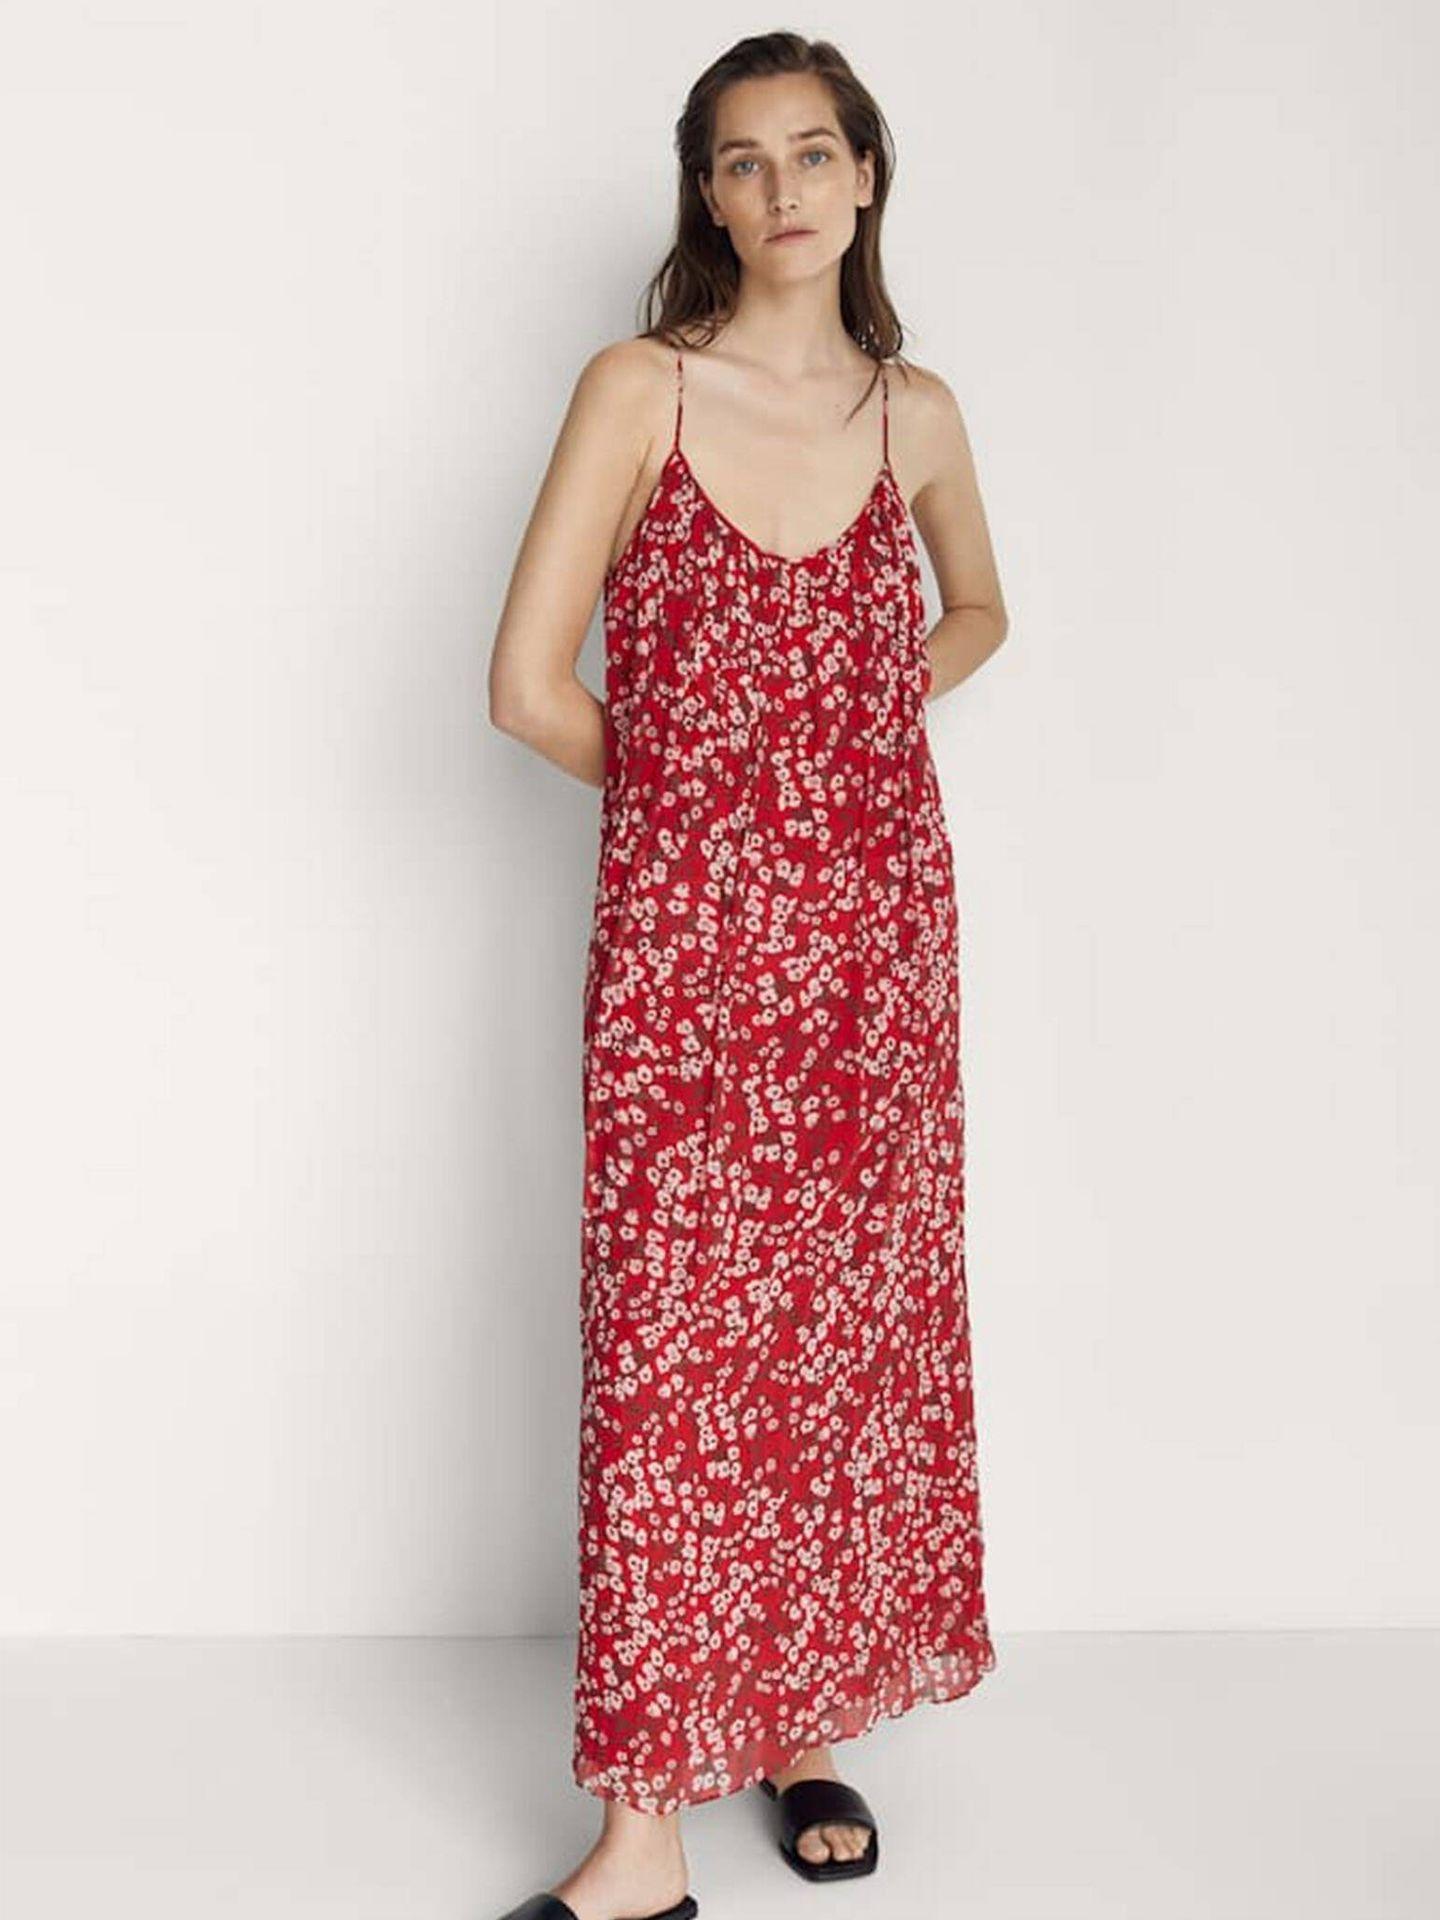 Vestido de flores low cost de Massimo Dutti. (Cortesía)